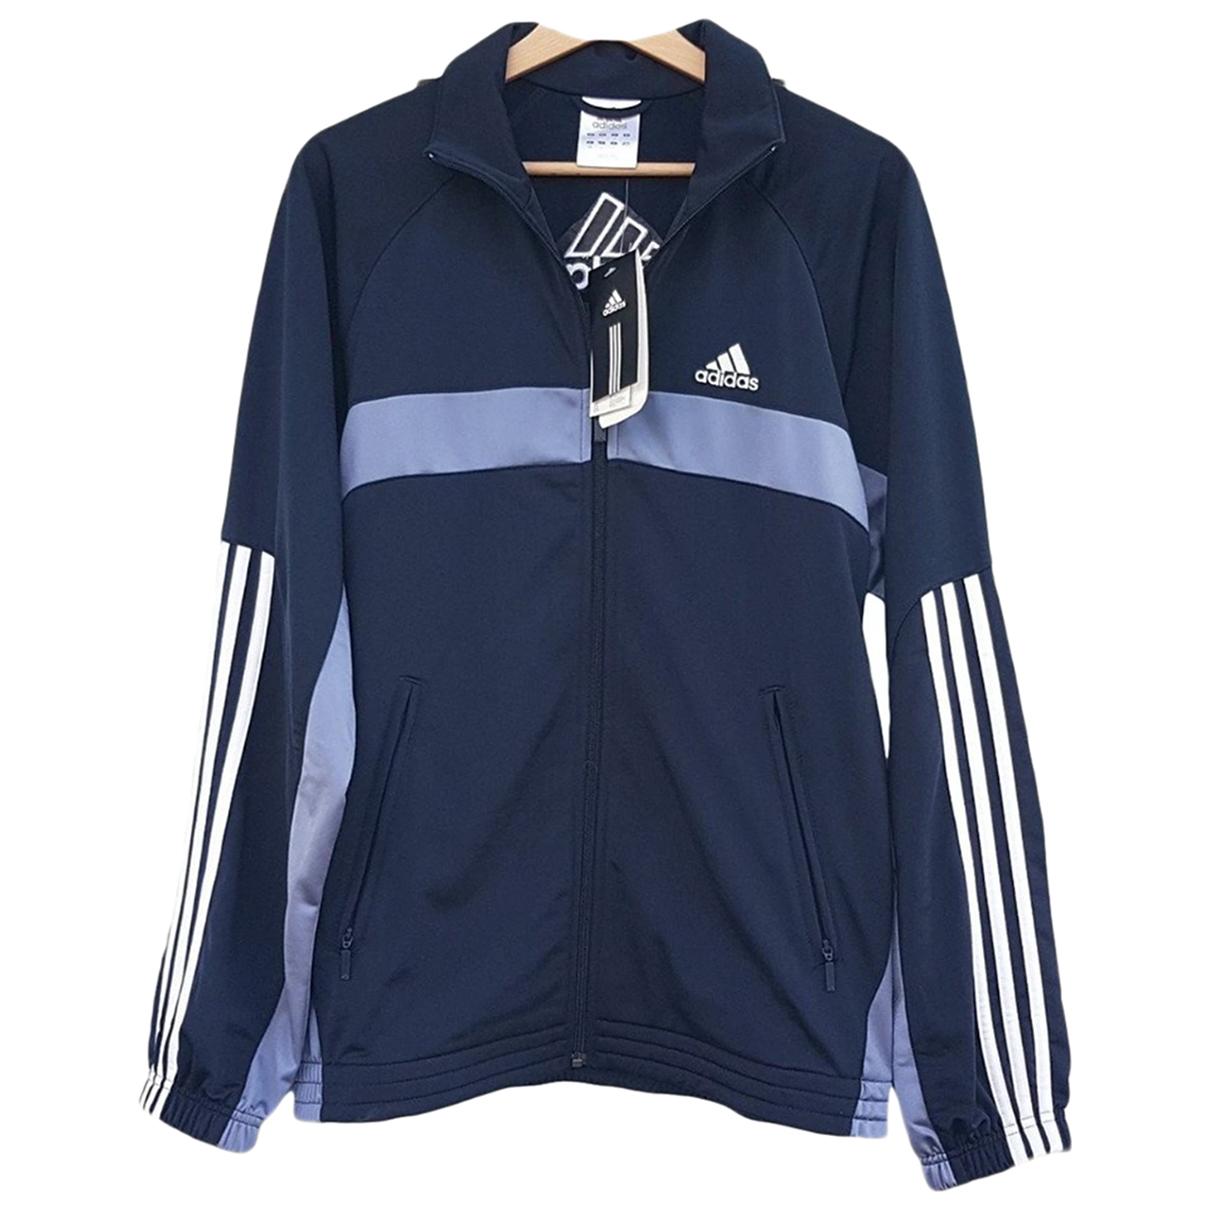 Adidas \N Anzuege in  Blau Synthetik